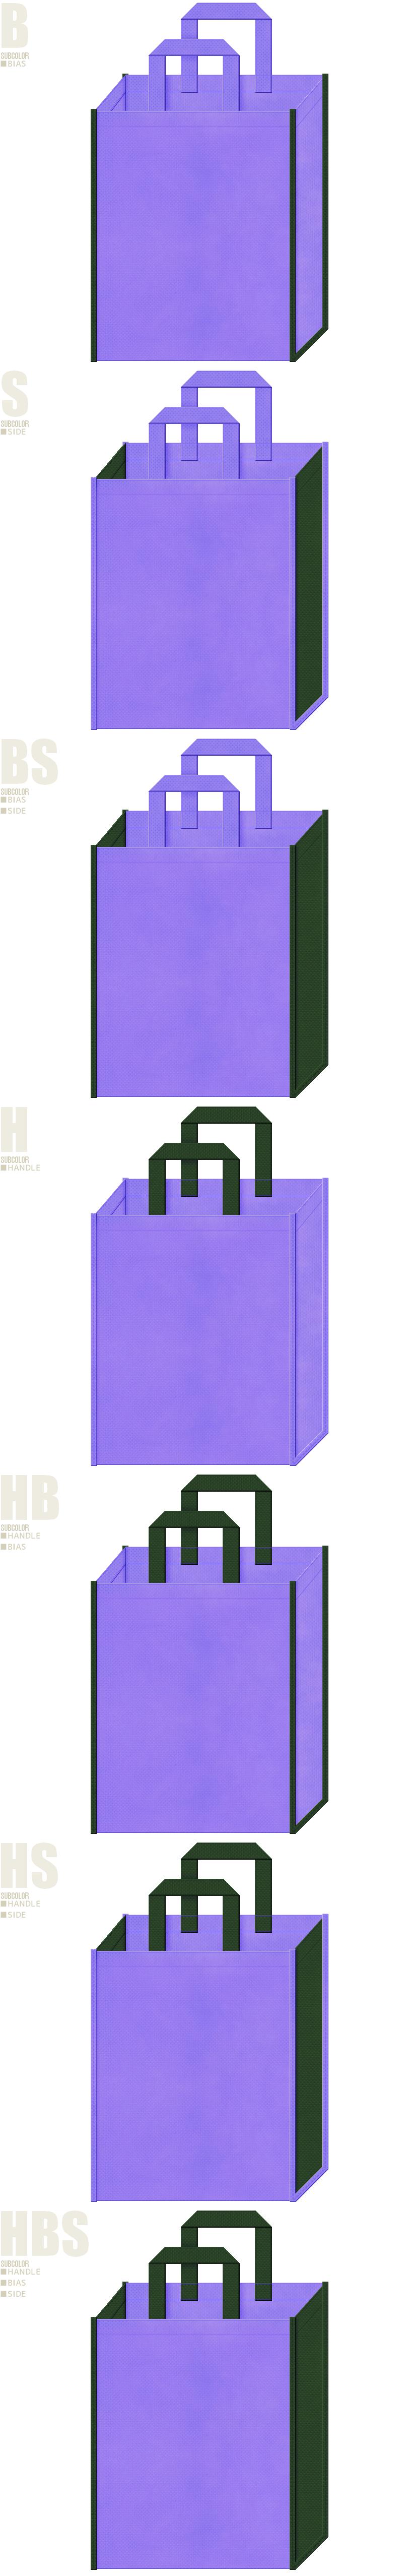 明るめの紫色と濃緑色、7パターンの不織布トートバッグ配色デザイン例。